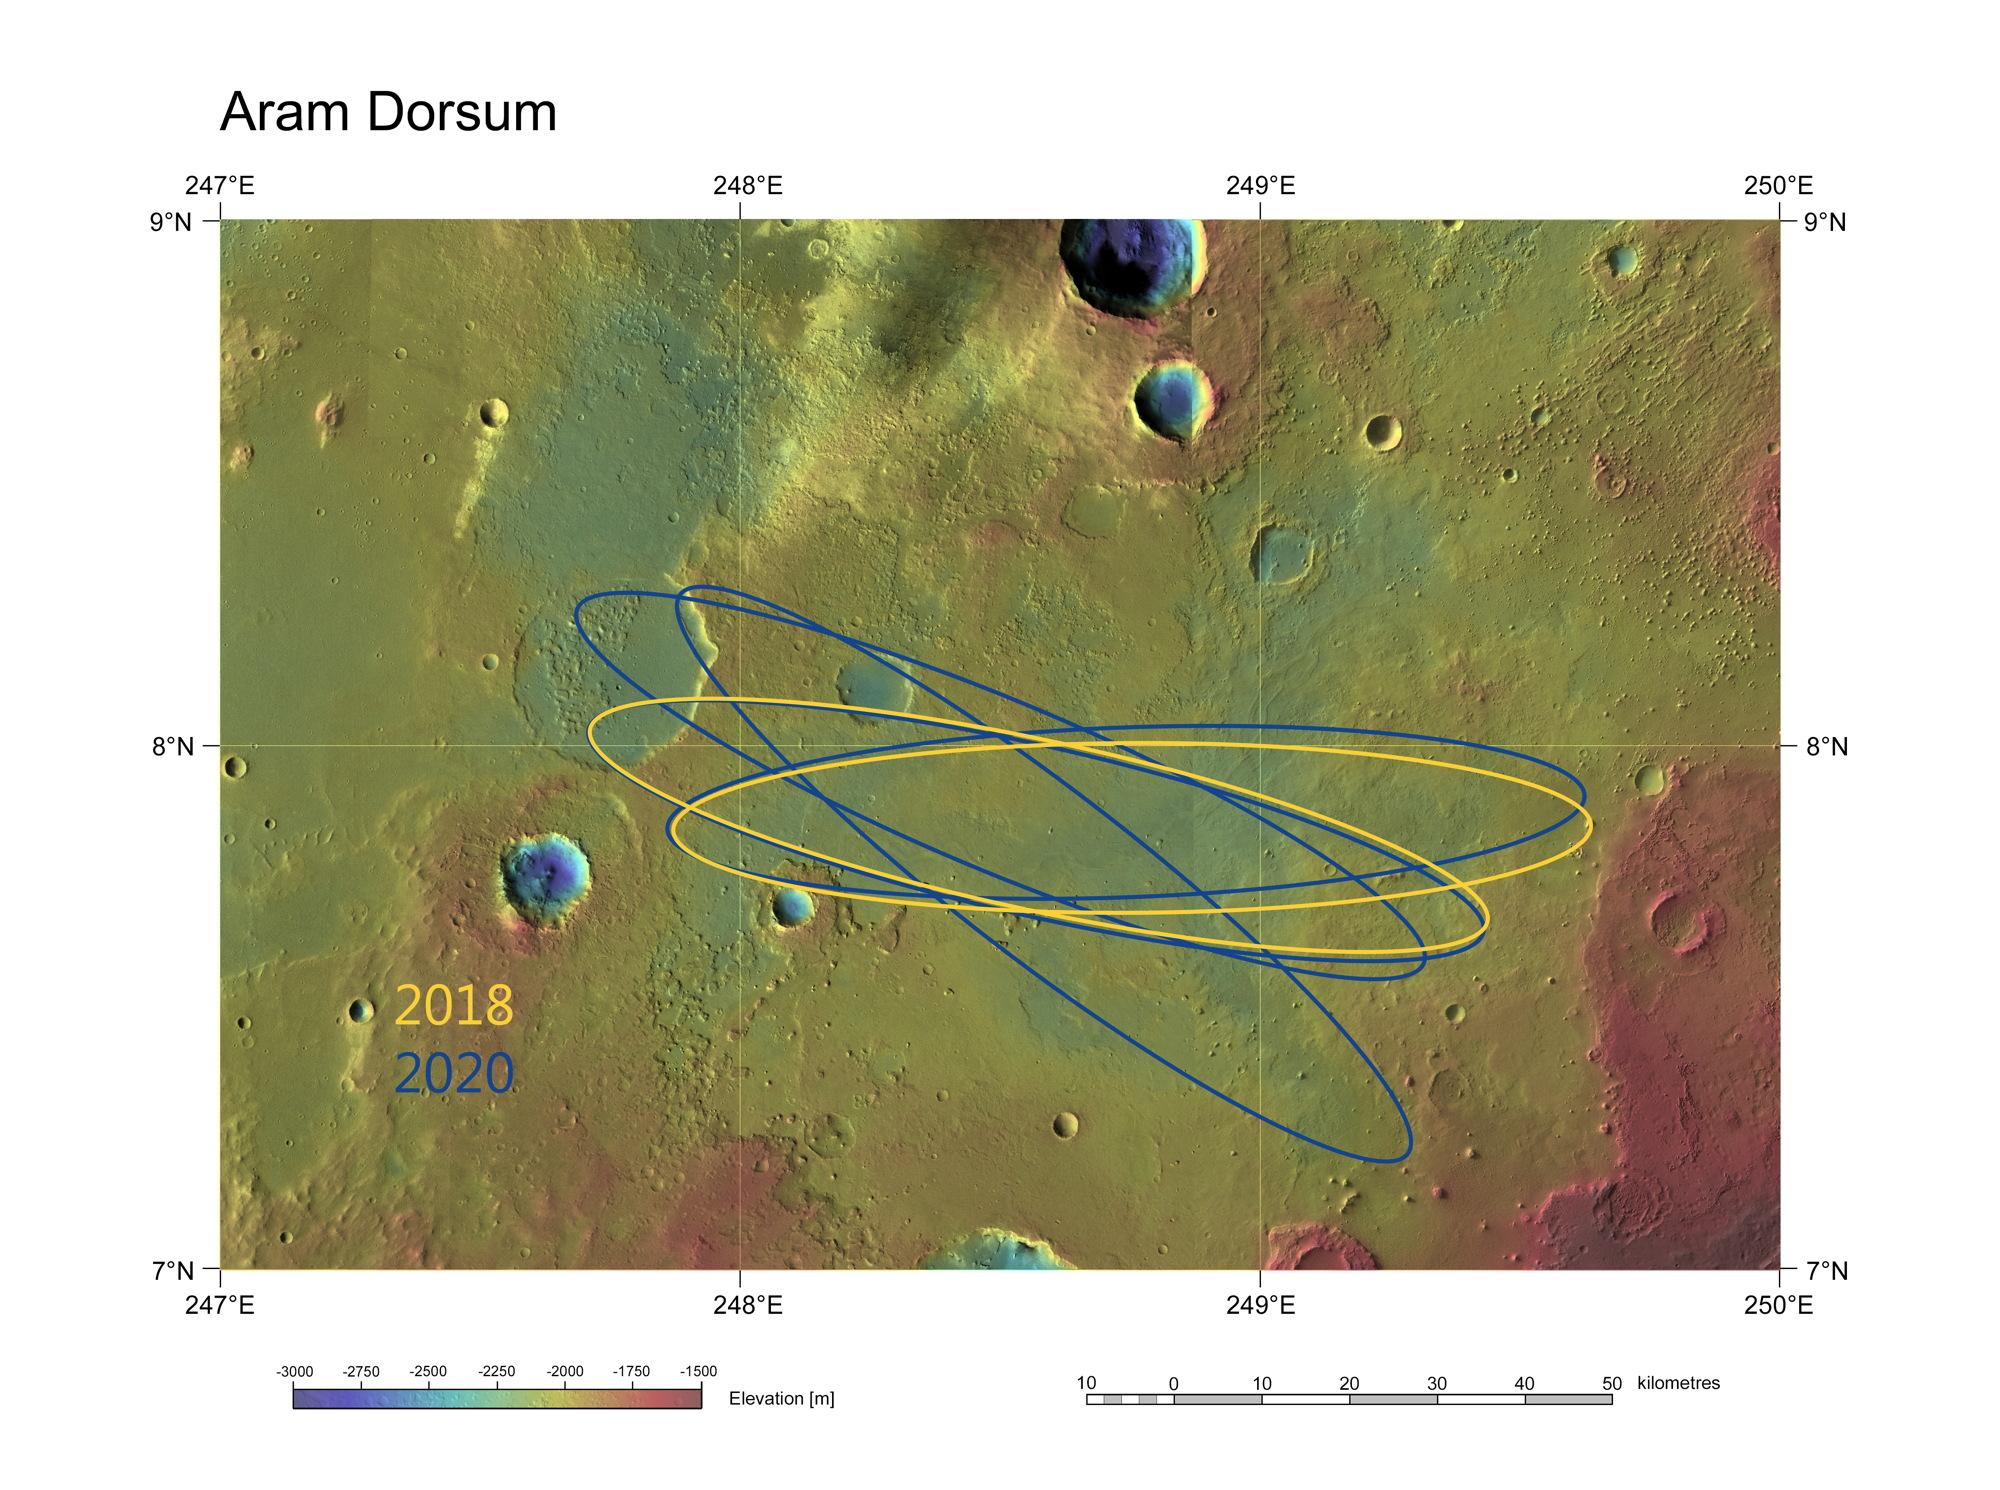 ExoMars Candidate Landing Site Aram Dorsum